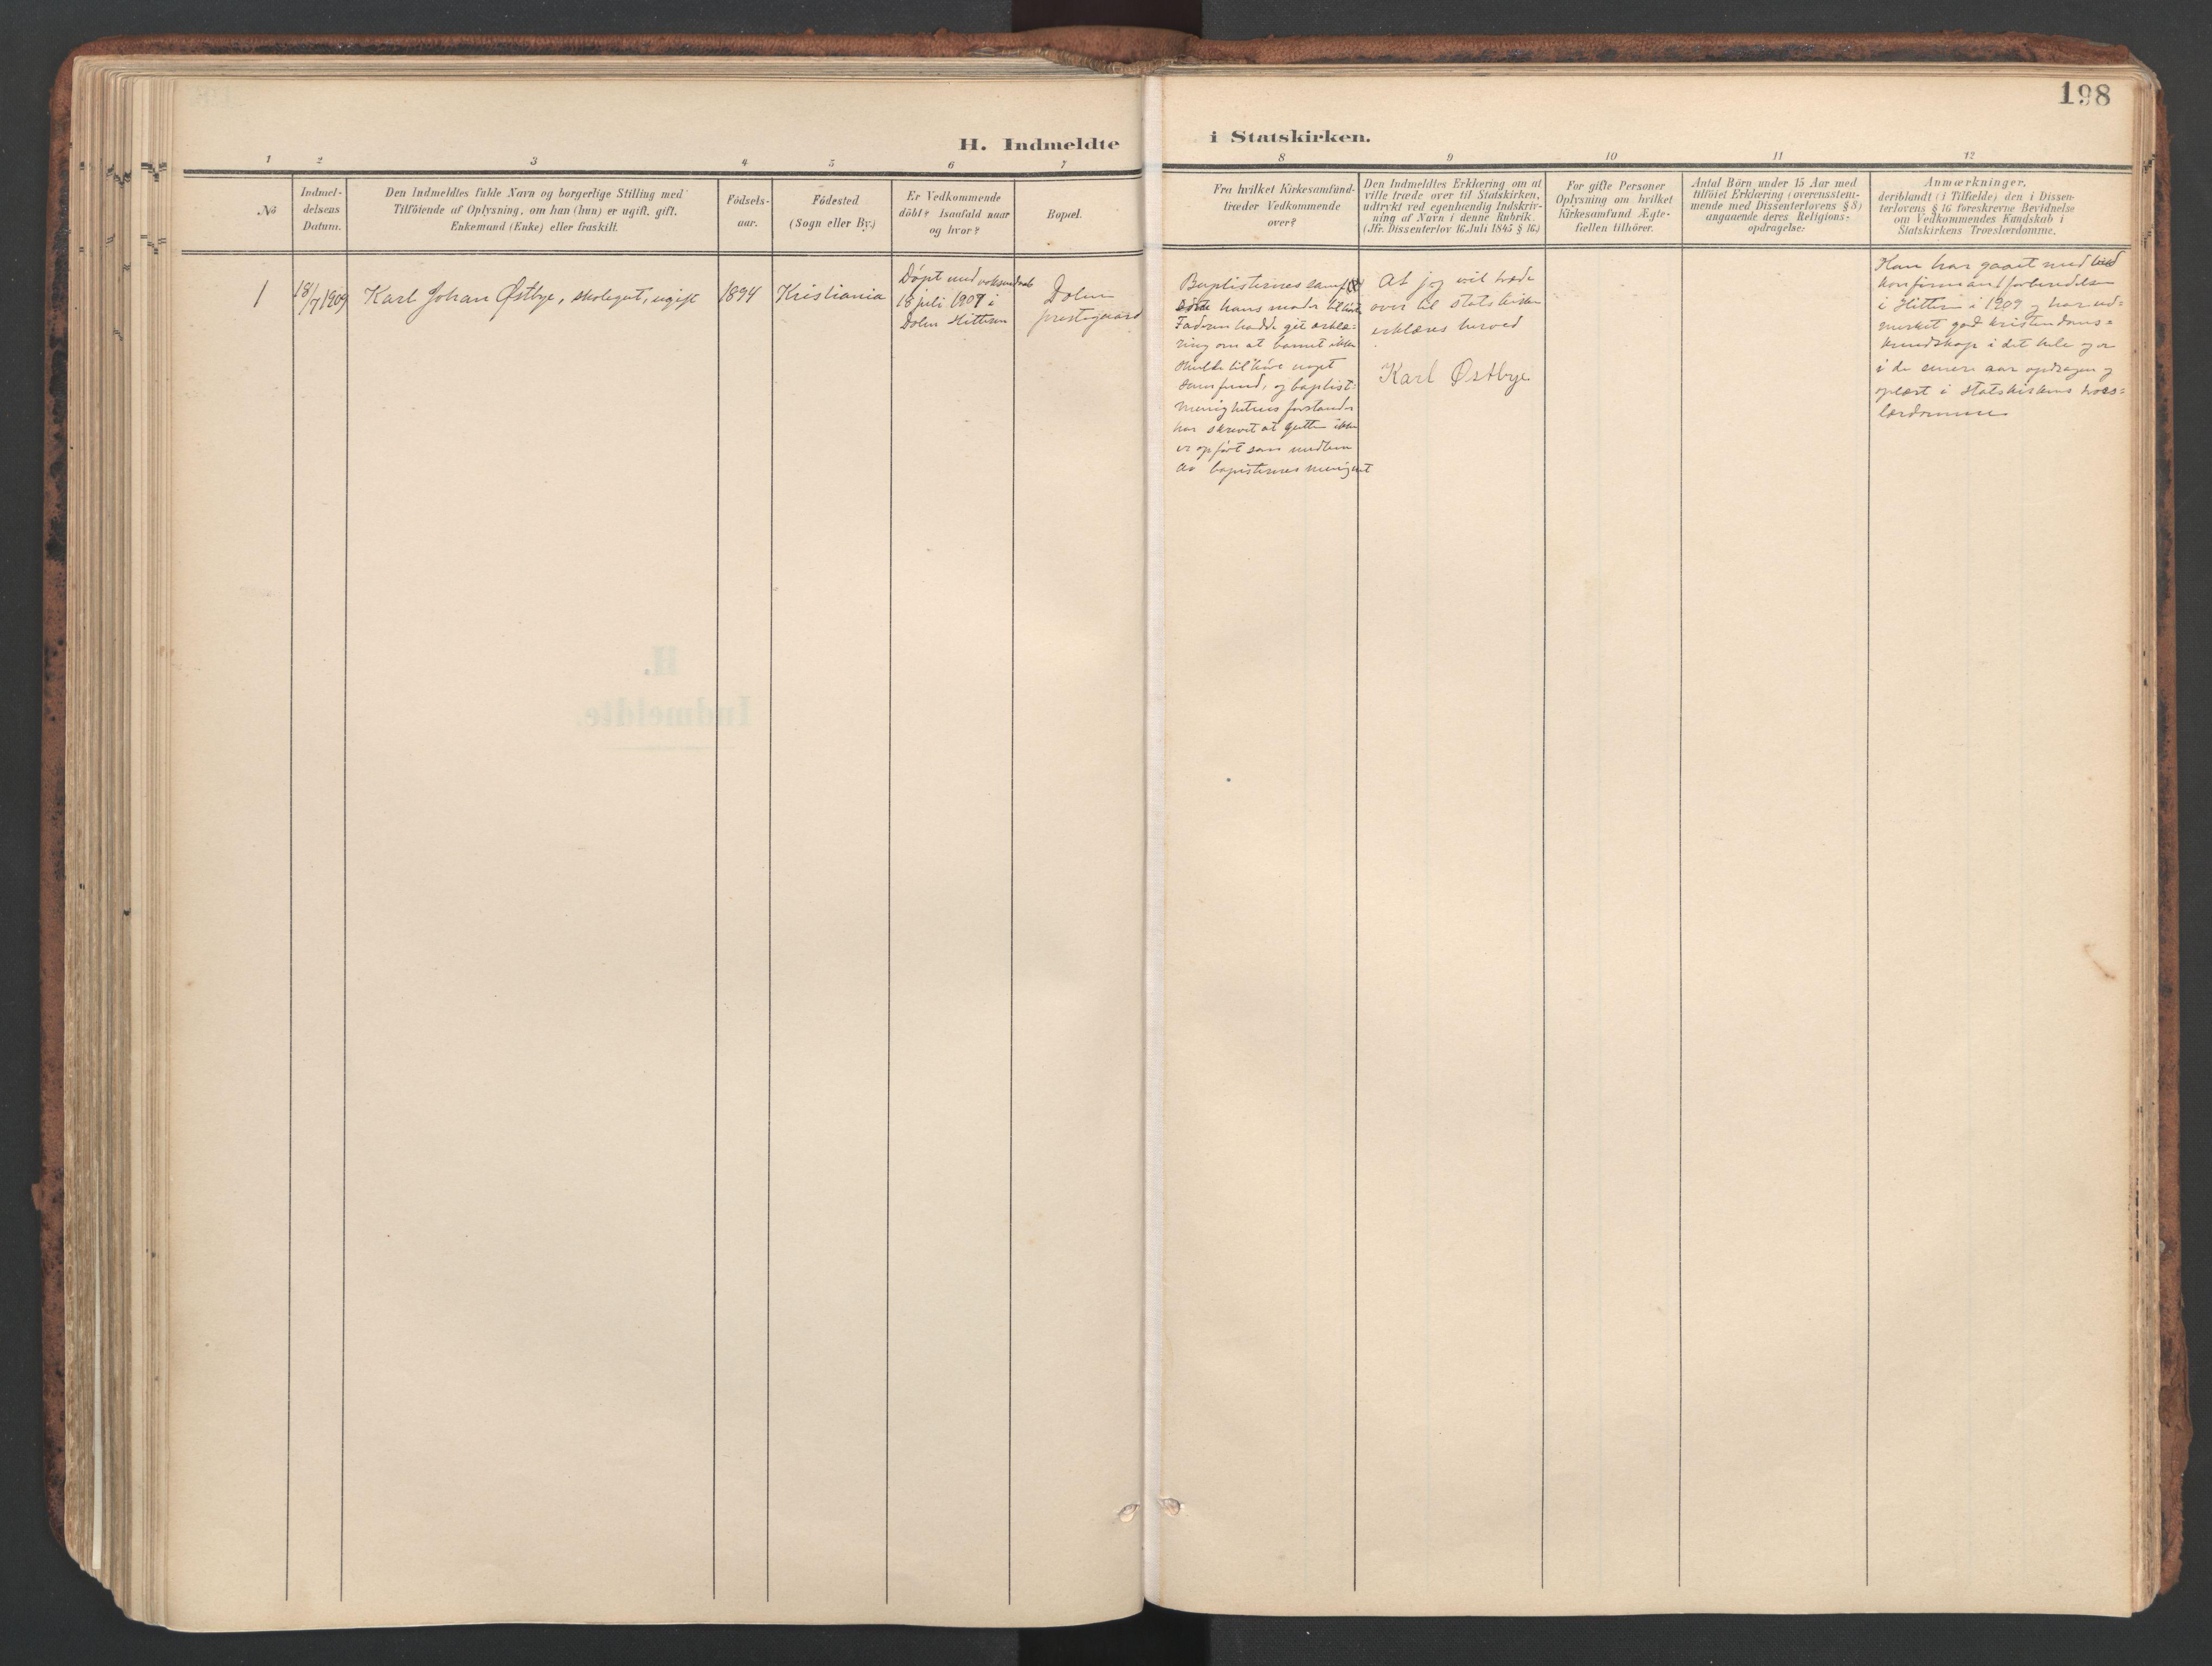 SAT, Ministerialprotokoller, klokkerbøker og fødselsregistre - Sør-Trøndelag, 634/L0537: Ministerialbok nr. 634A13, 1896-1922, s. 198